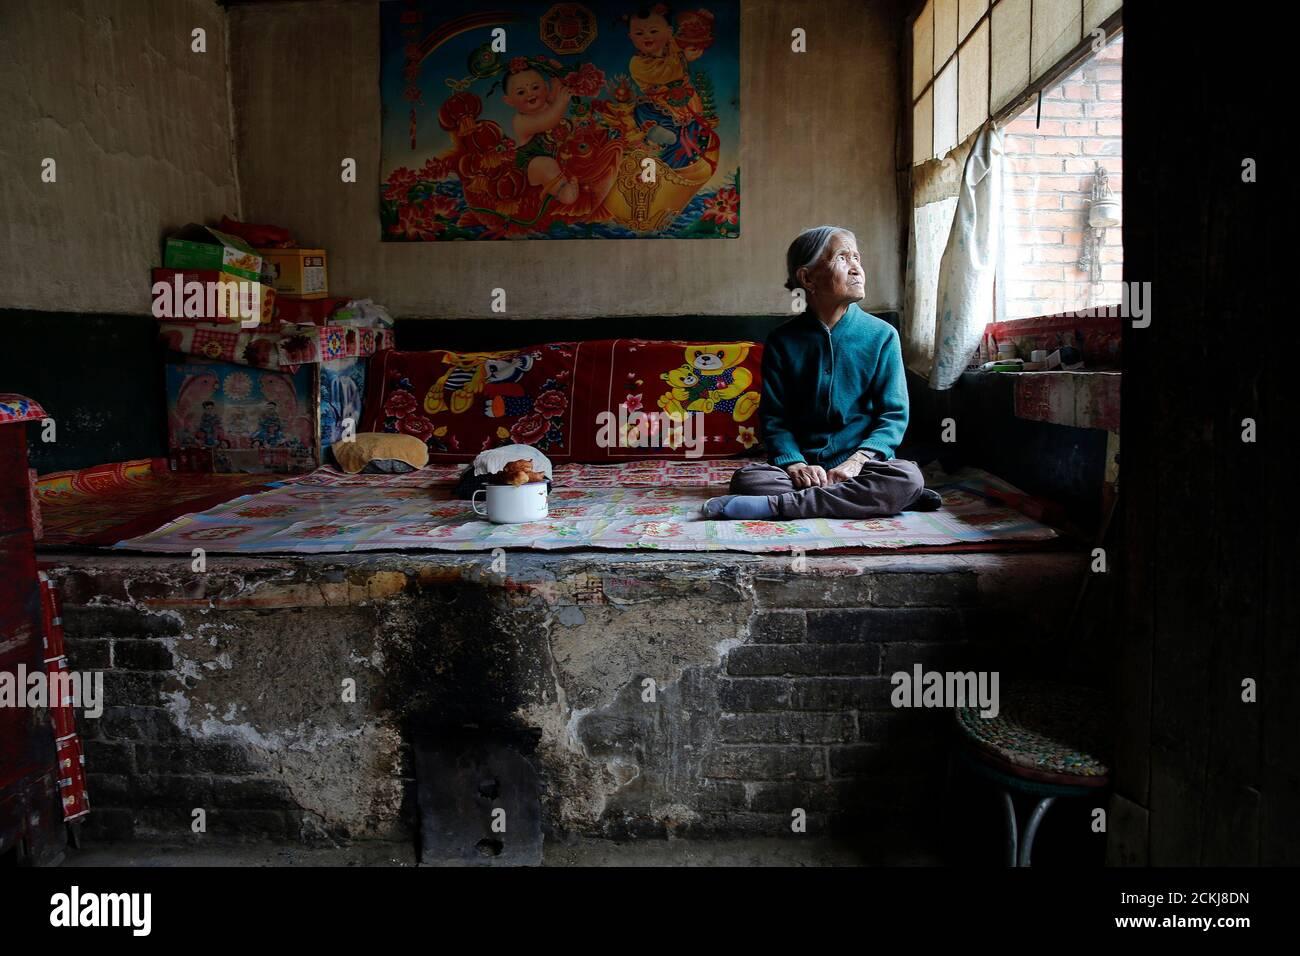 L'ancienne 'femme de confort' chinoise Zhang Xiantu repose sur un lit traditionnel en brique dans sa maison dans la ville de Xiyan, province du Shanxi, Chine, le 18 juillet 2015. « les femmes de confort » est l'euphémisme japonais pour les femmes qui ont été forcées à la prostitution et victimes d'abus sexuels dans des maisons de prostitution militaires japonaises avant et pendant la Seconde Guerre mondiale. Xiantu est la seule 'femme de réconfort' survivante des 16 plaignants de Shanxi qui ont poursuivi le gouvernement japonais en 1995 pour avoir enlevé des filles et les utiliser comme 'femme de réconfort' pendant la deuxième Guerre mondiale. Selon les informations de la Commission d'enquête de la Chine sur les faits de Comfort Women be Banque D'Images